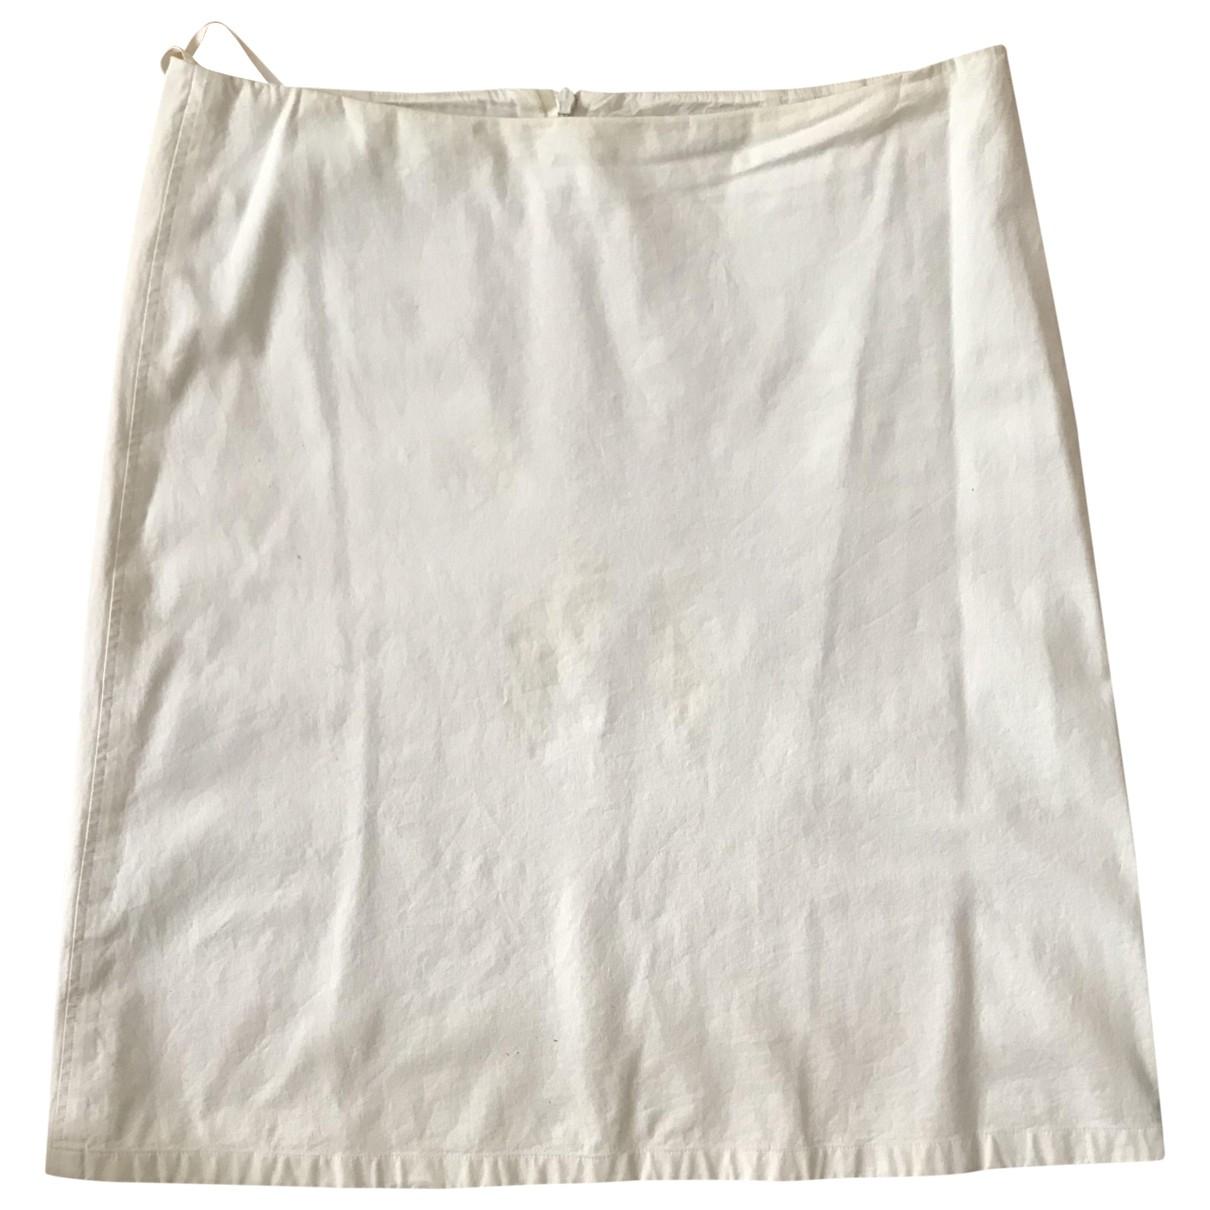 Jil Sander \N Ecru Cotton - elasthane skirt for Women 40 FR